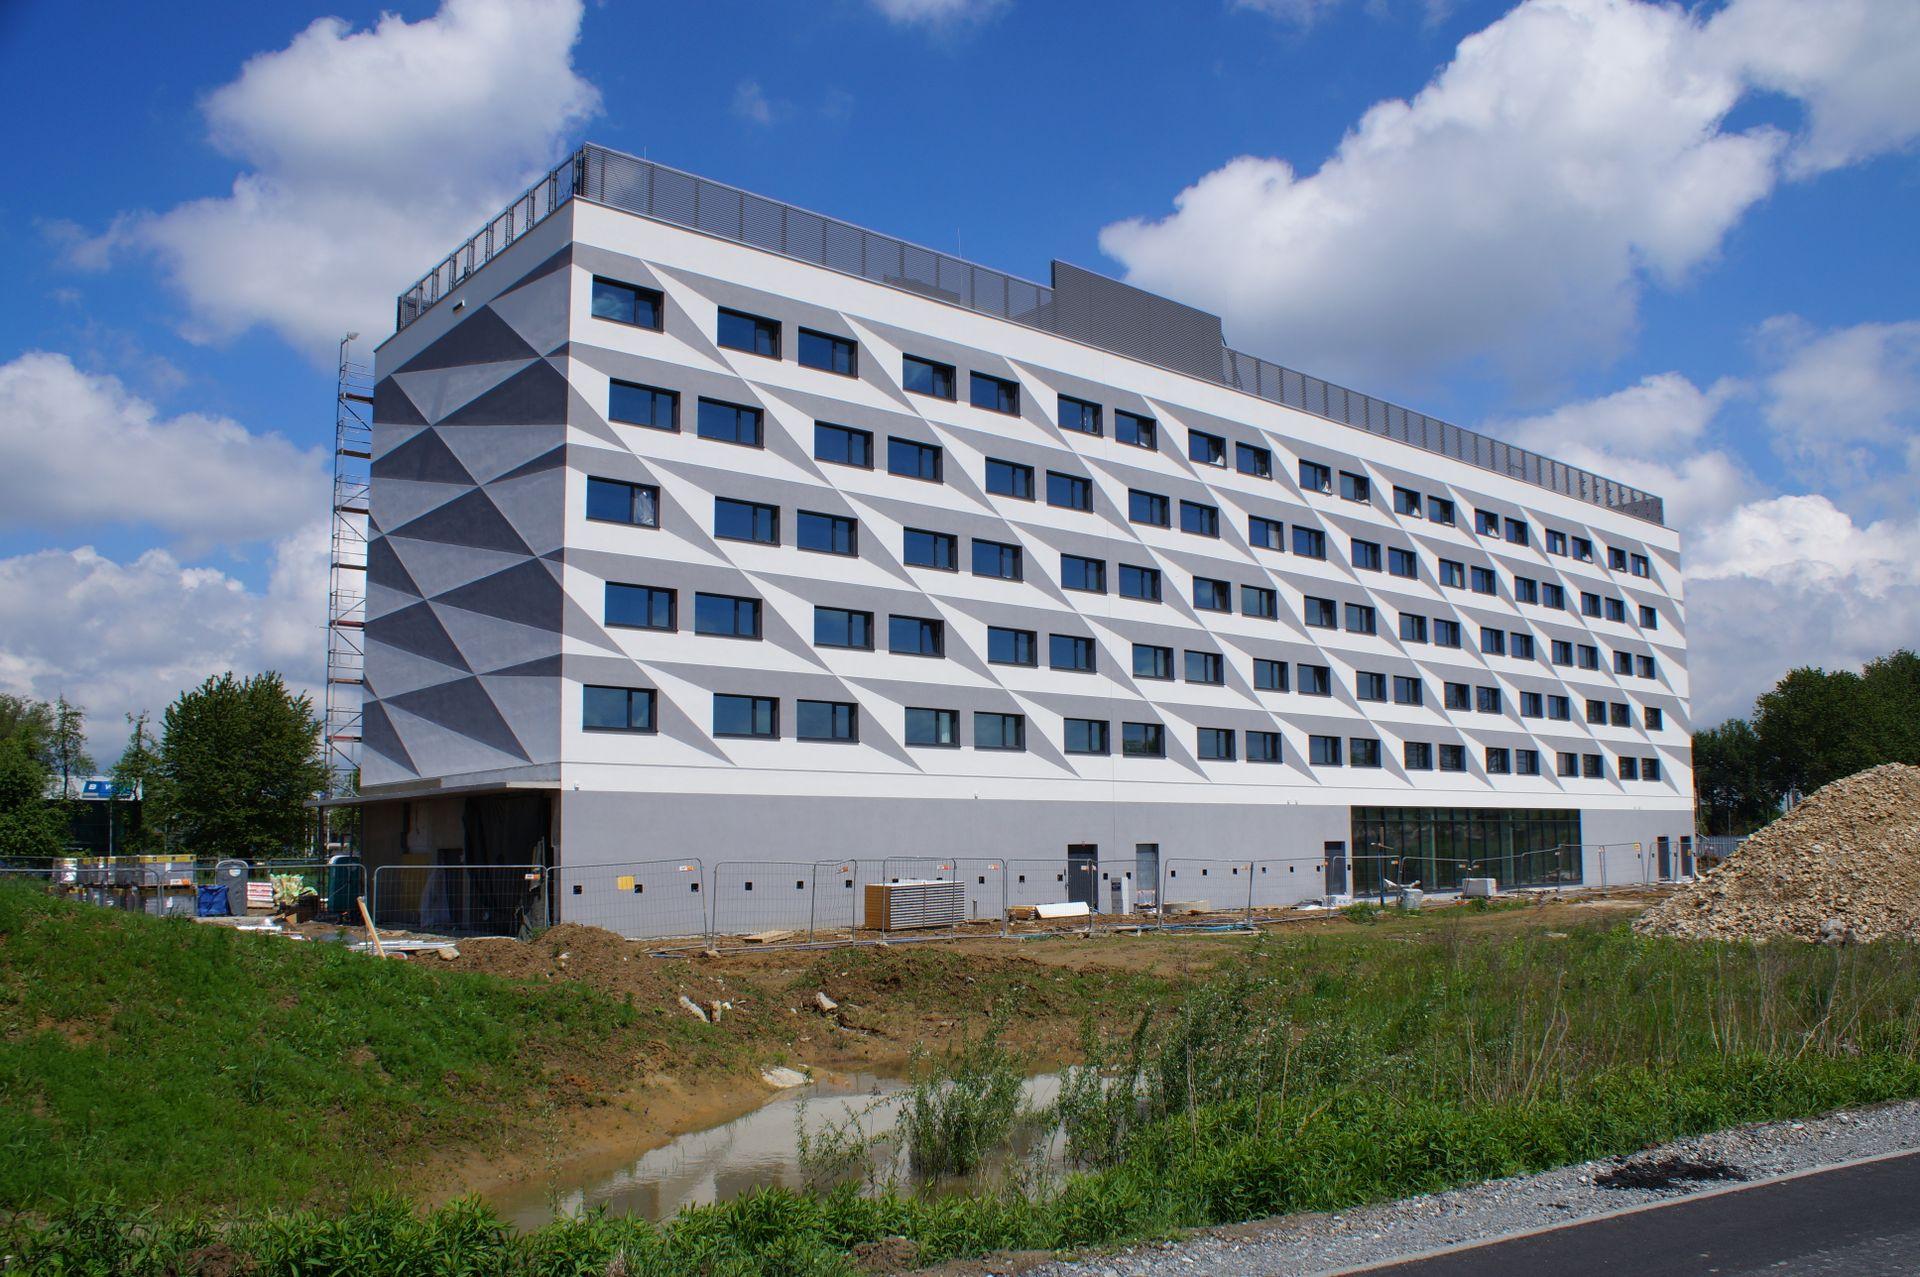 W Krakowie dobiega końca budowa hotelu Hampton by Hilton Kraków Airport [ZDJĘCIA + WIZUALIZACJE]